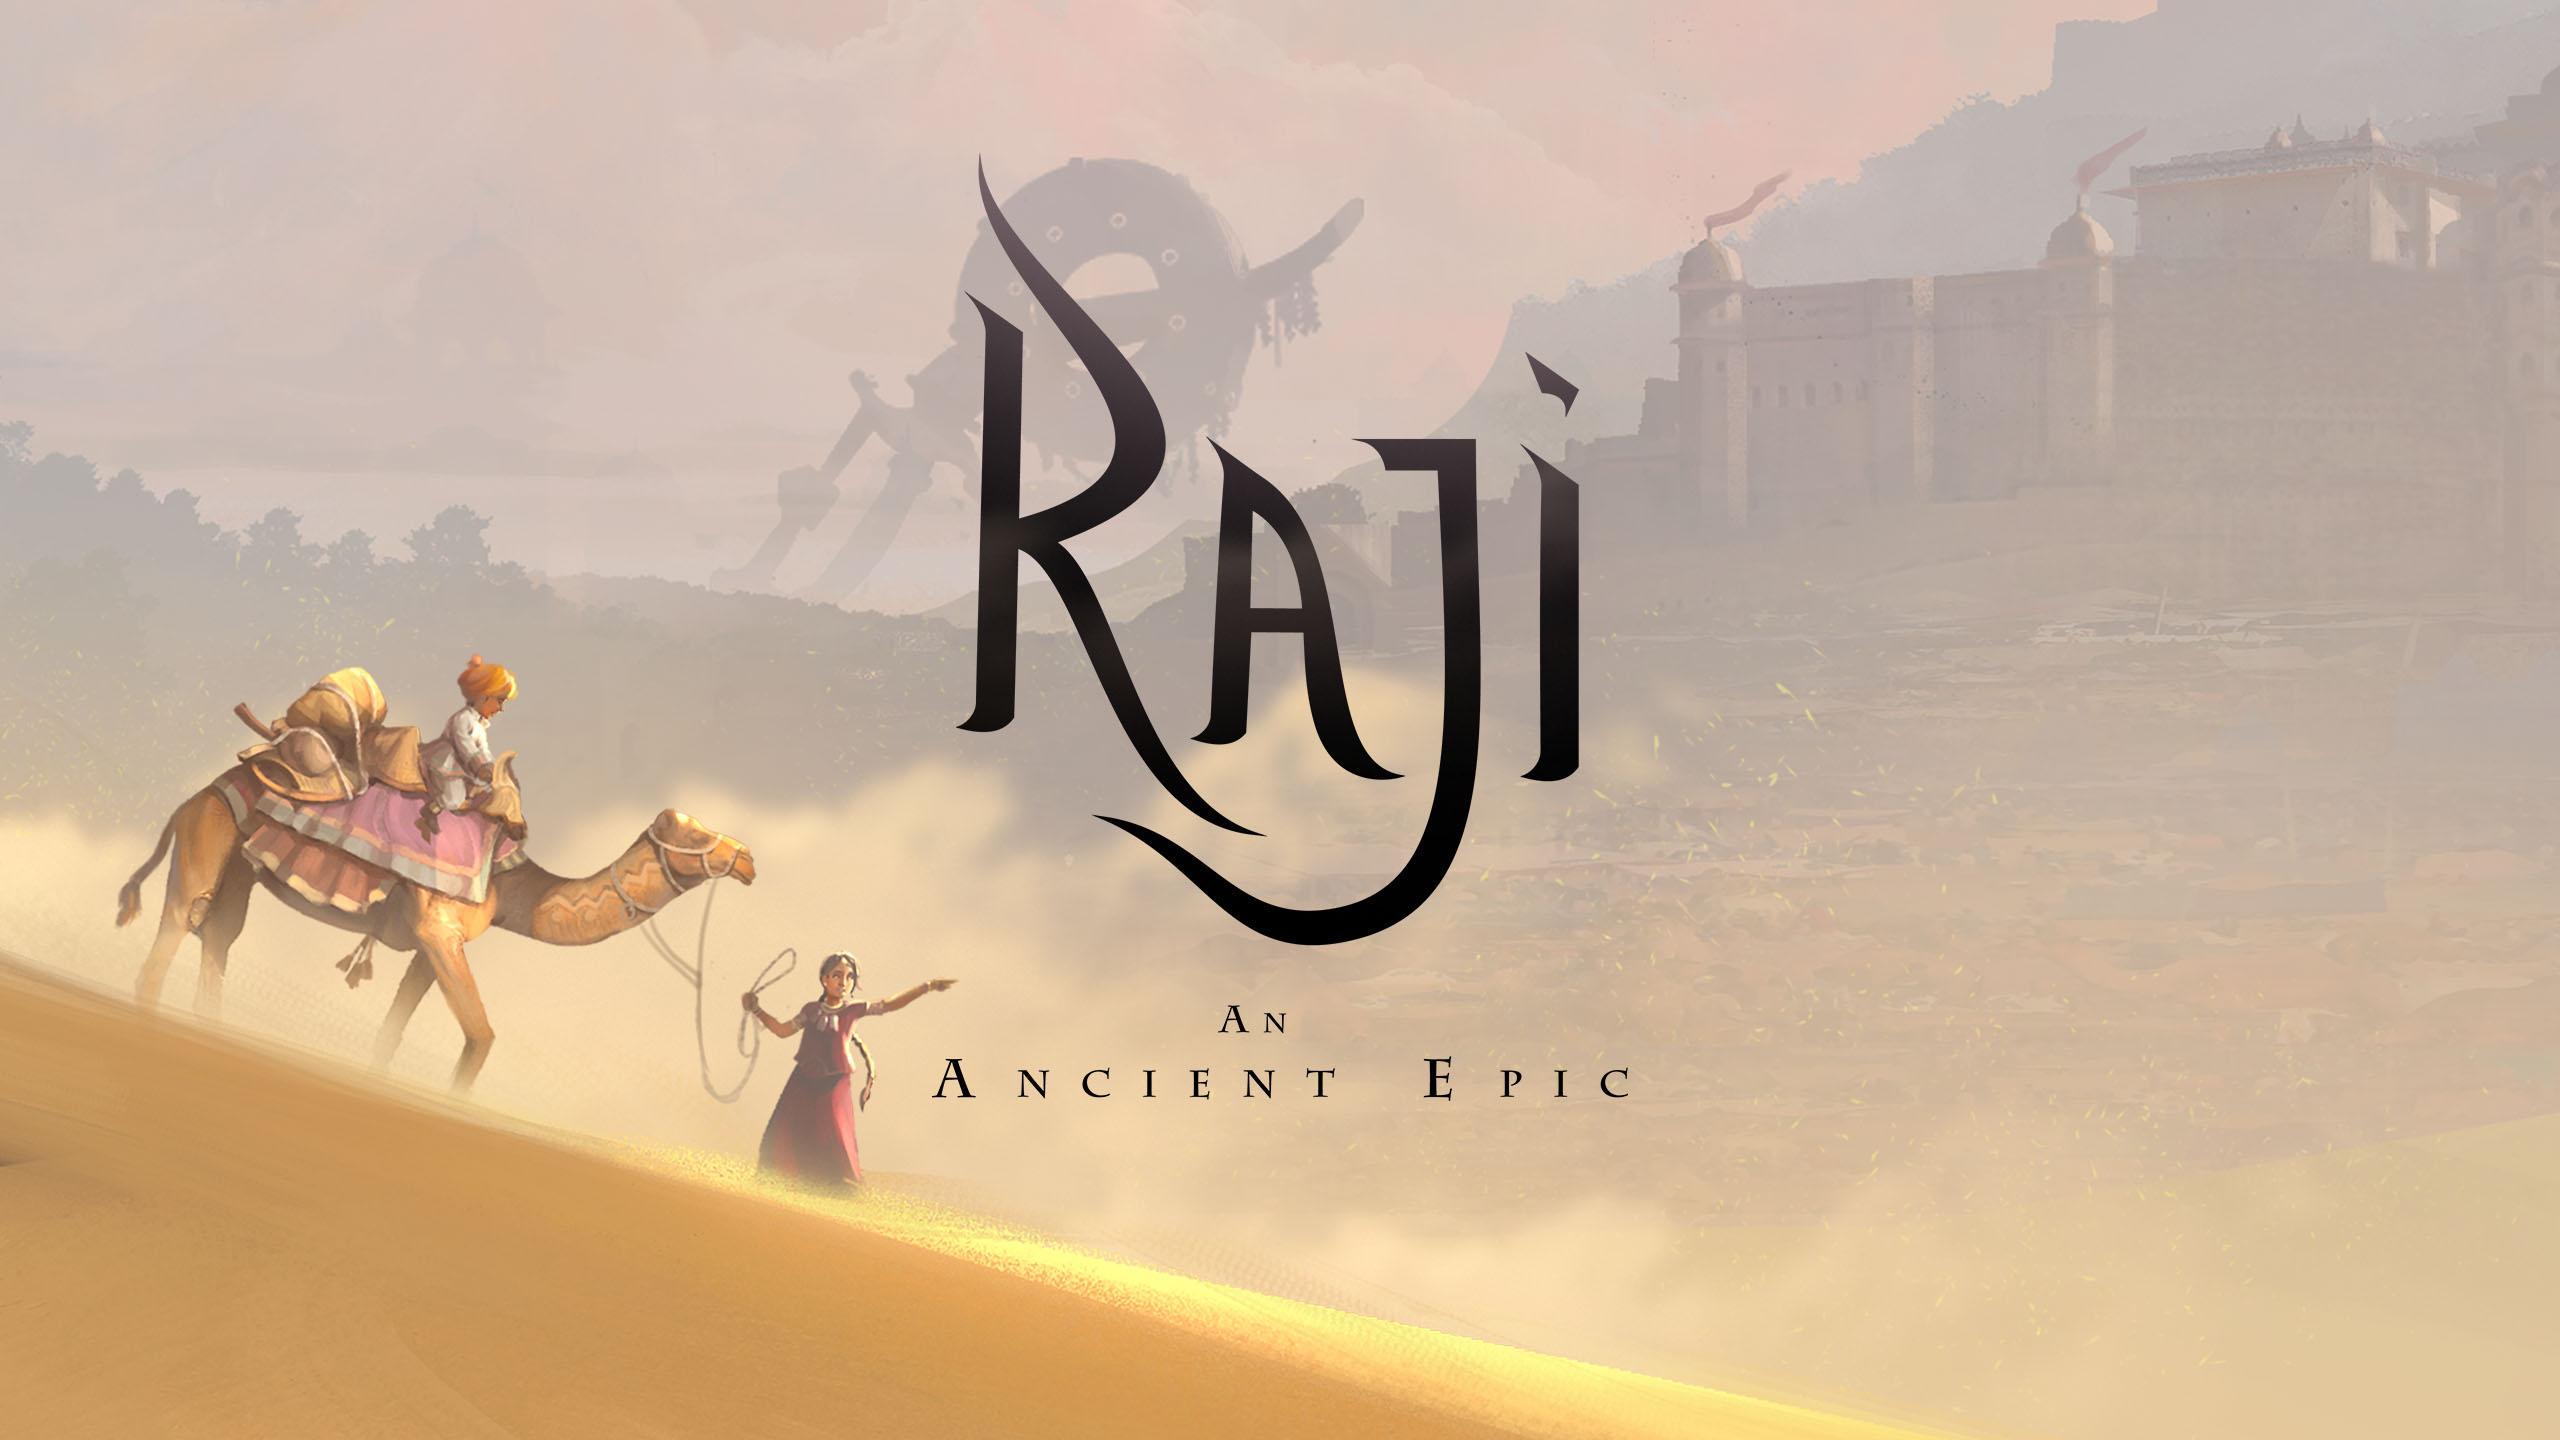 Raji: An Ancient Epic — Nodding Heads Games / Super.com